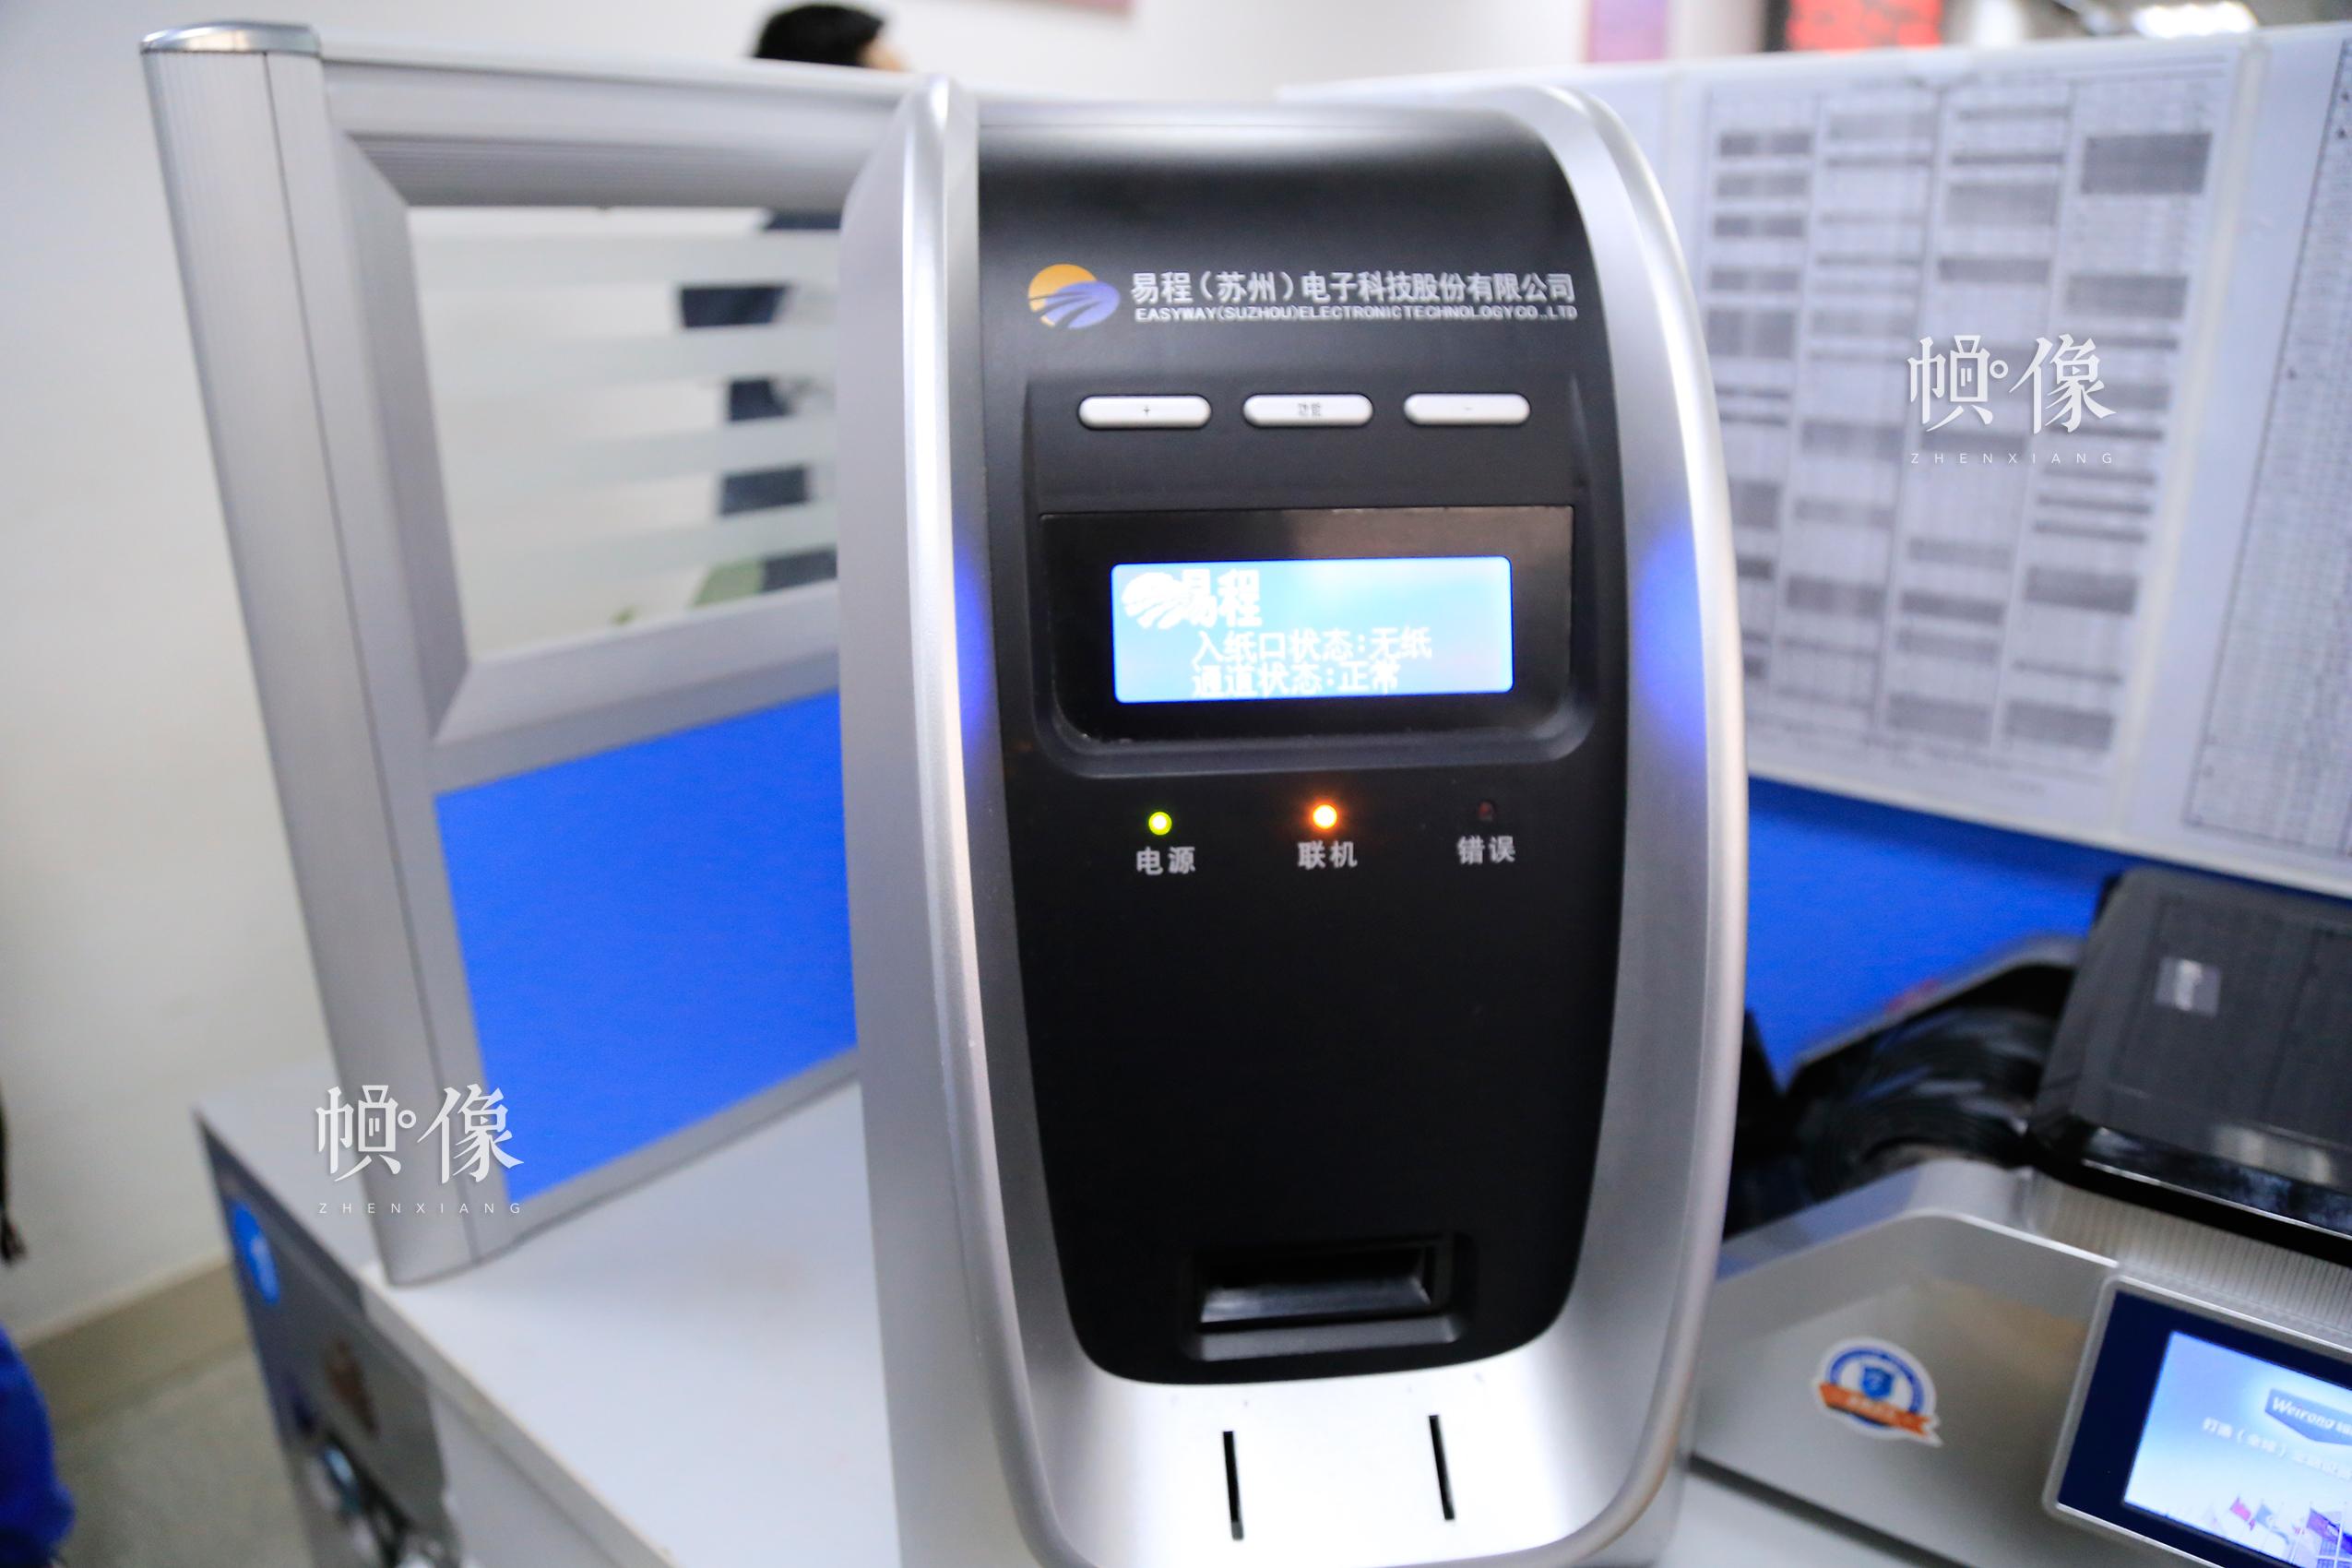 北京南站某售票车间,现代的制票机大大加快了售票速度。中国网实习记者 韩依 摄